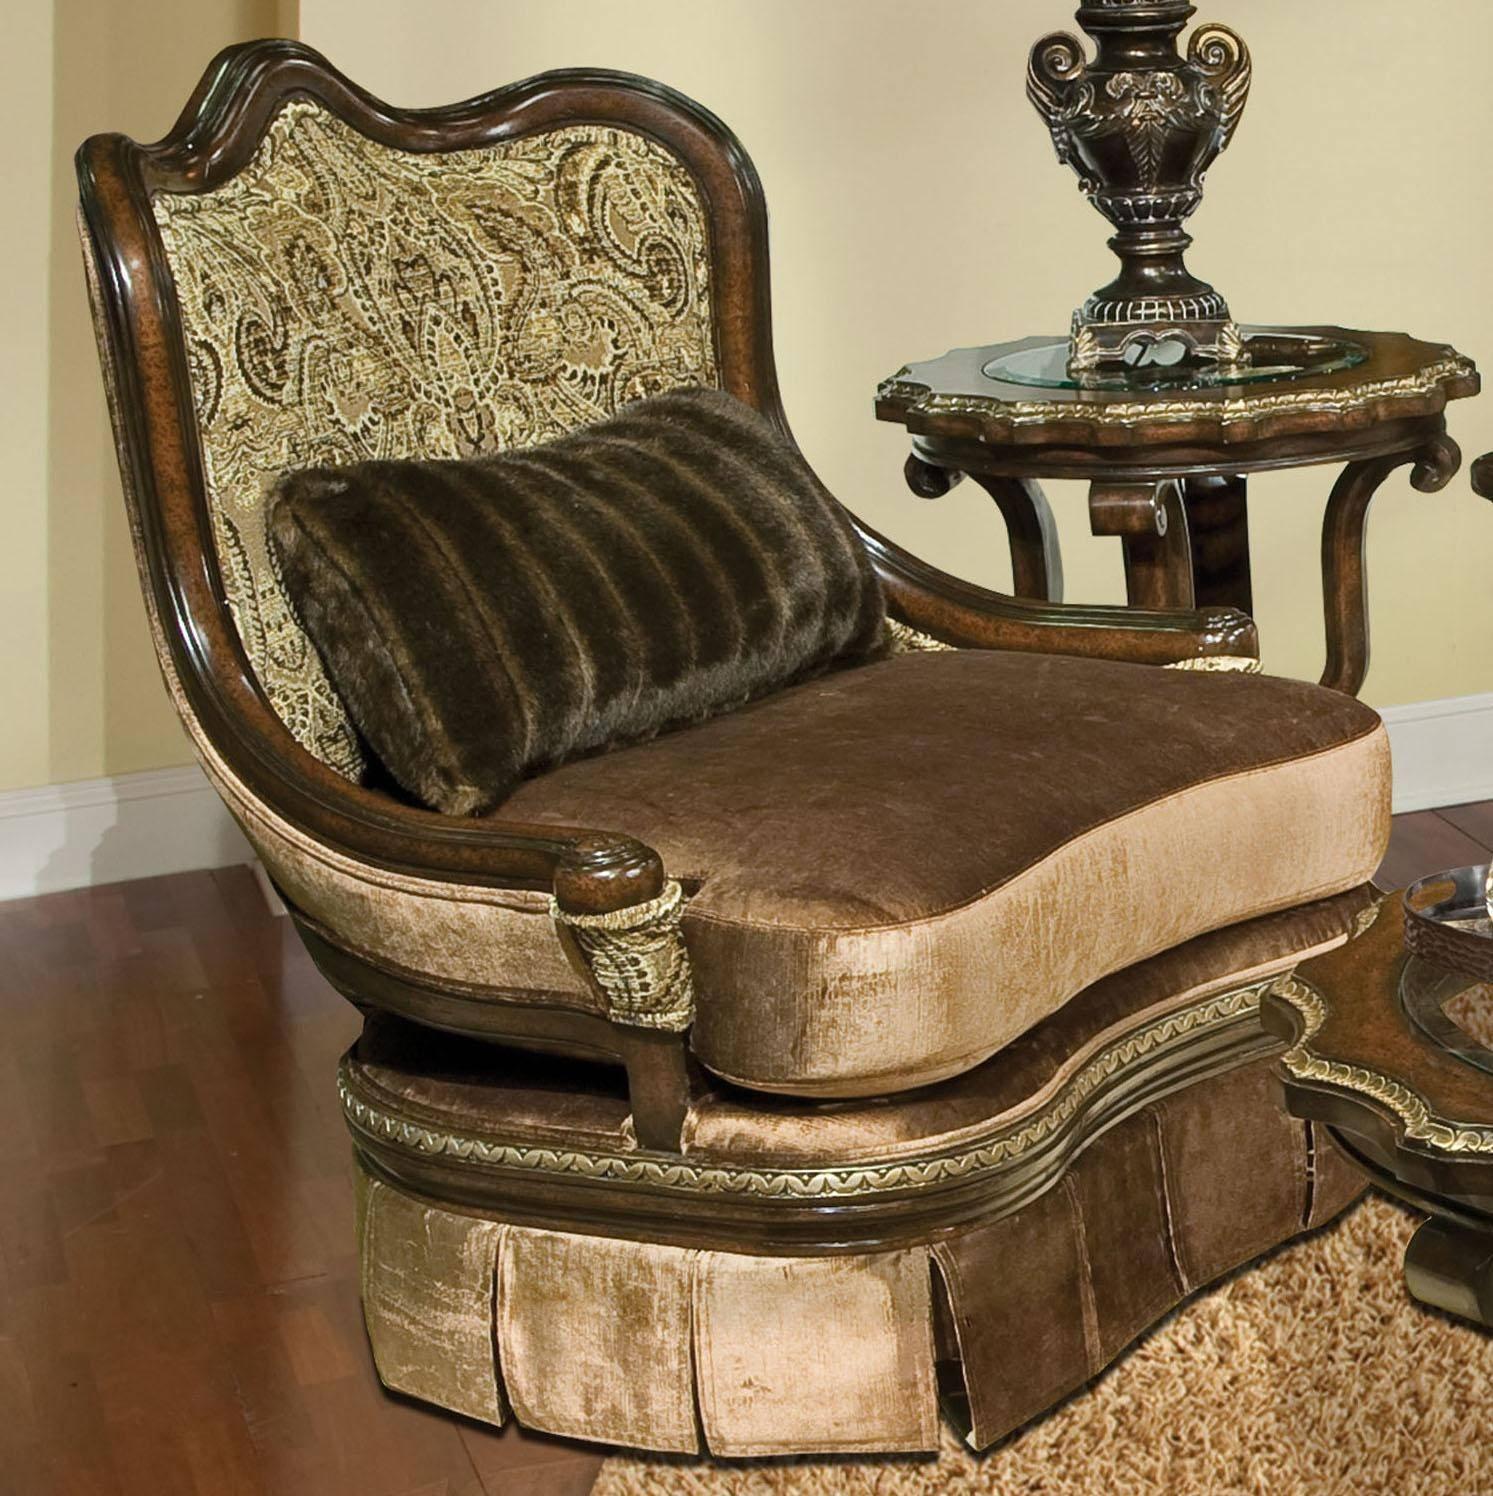 Buy Benetti S Bertina Swivel Accent Chair In Reddish Brown Golden Beige Fabric Online